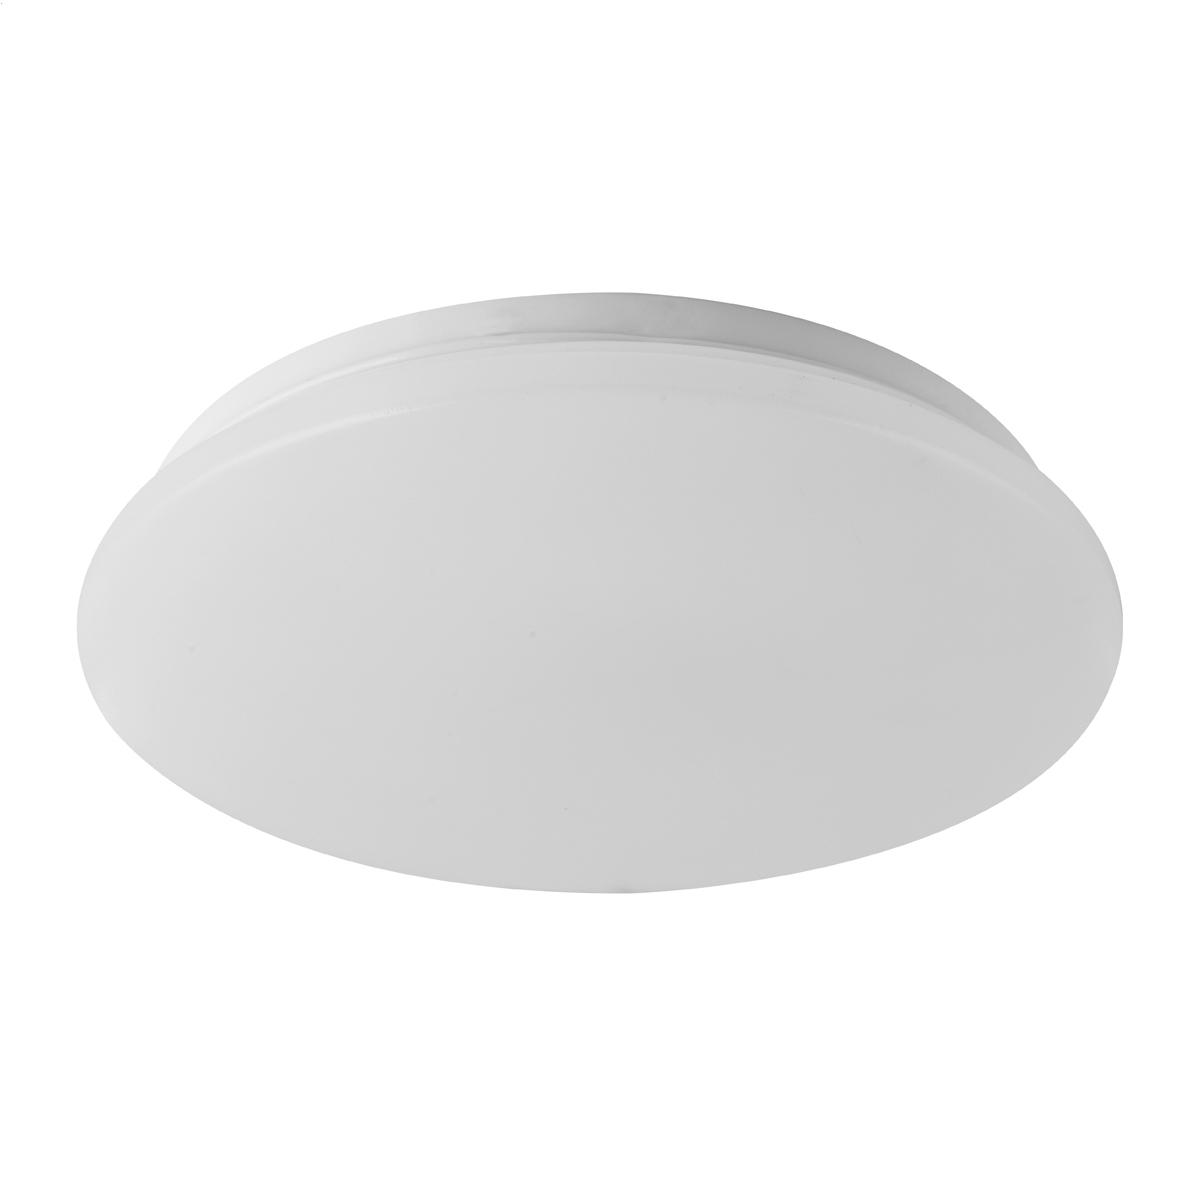 Platinet plafond lamp / plafonniere, 12W, 4000K, frosted, 210mm doorsnede, 840lumen